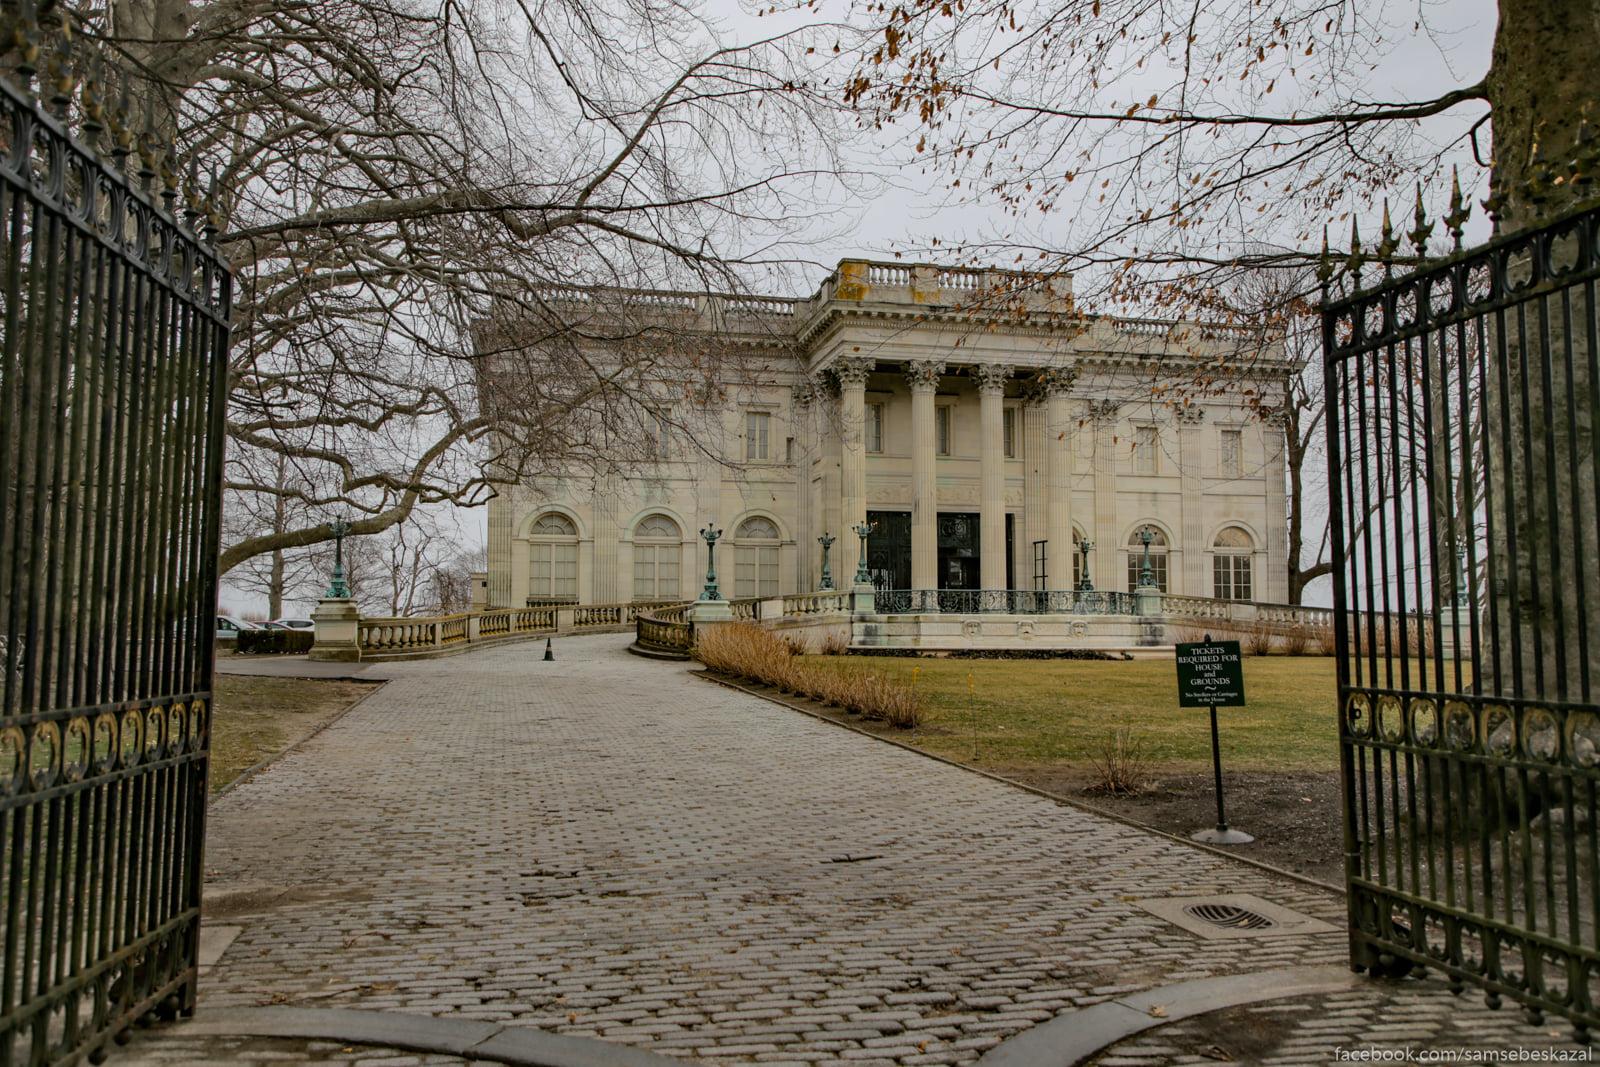 Посмотрел я известное видео про дворец в Геленджике и можно сказать даже Vid na Mramornyj dom ot...